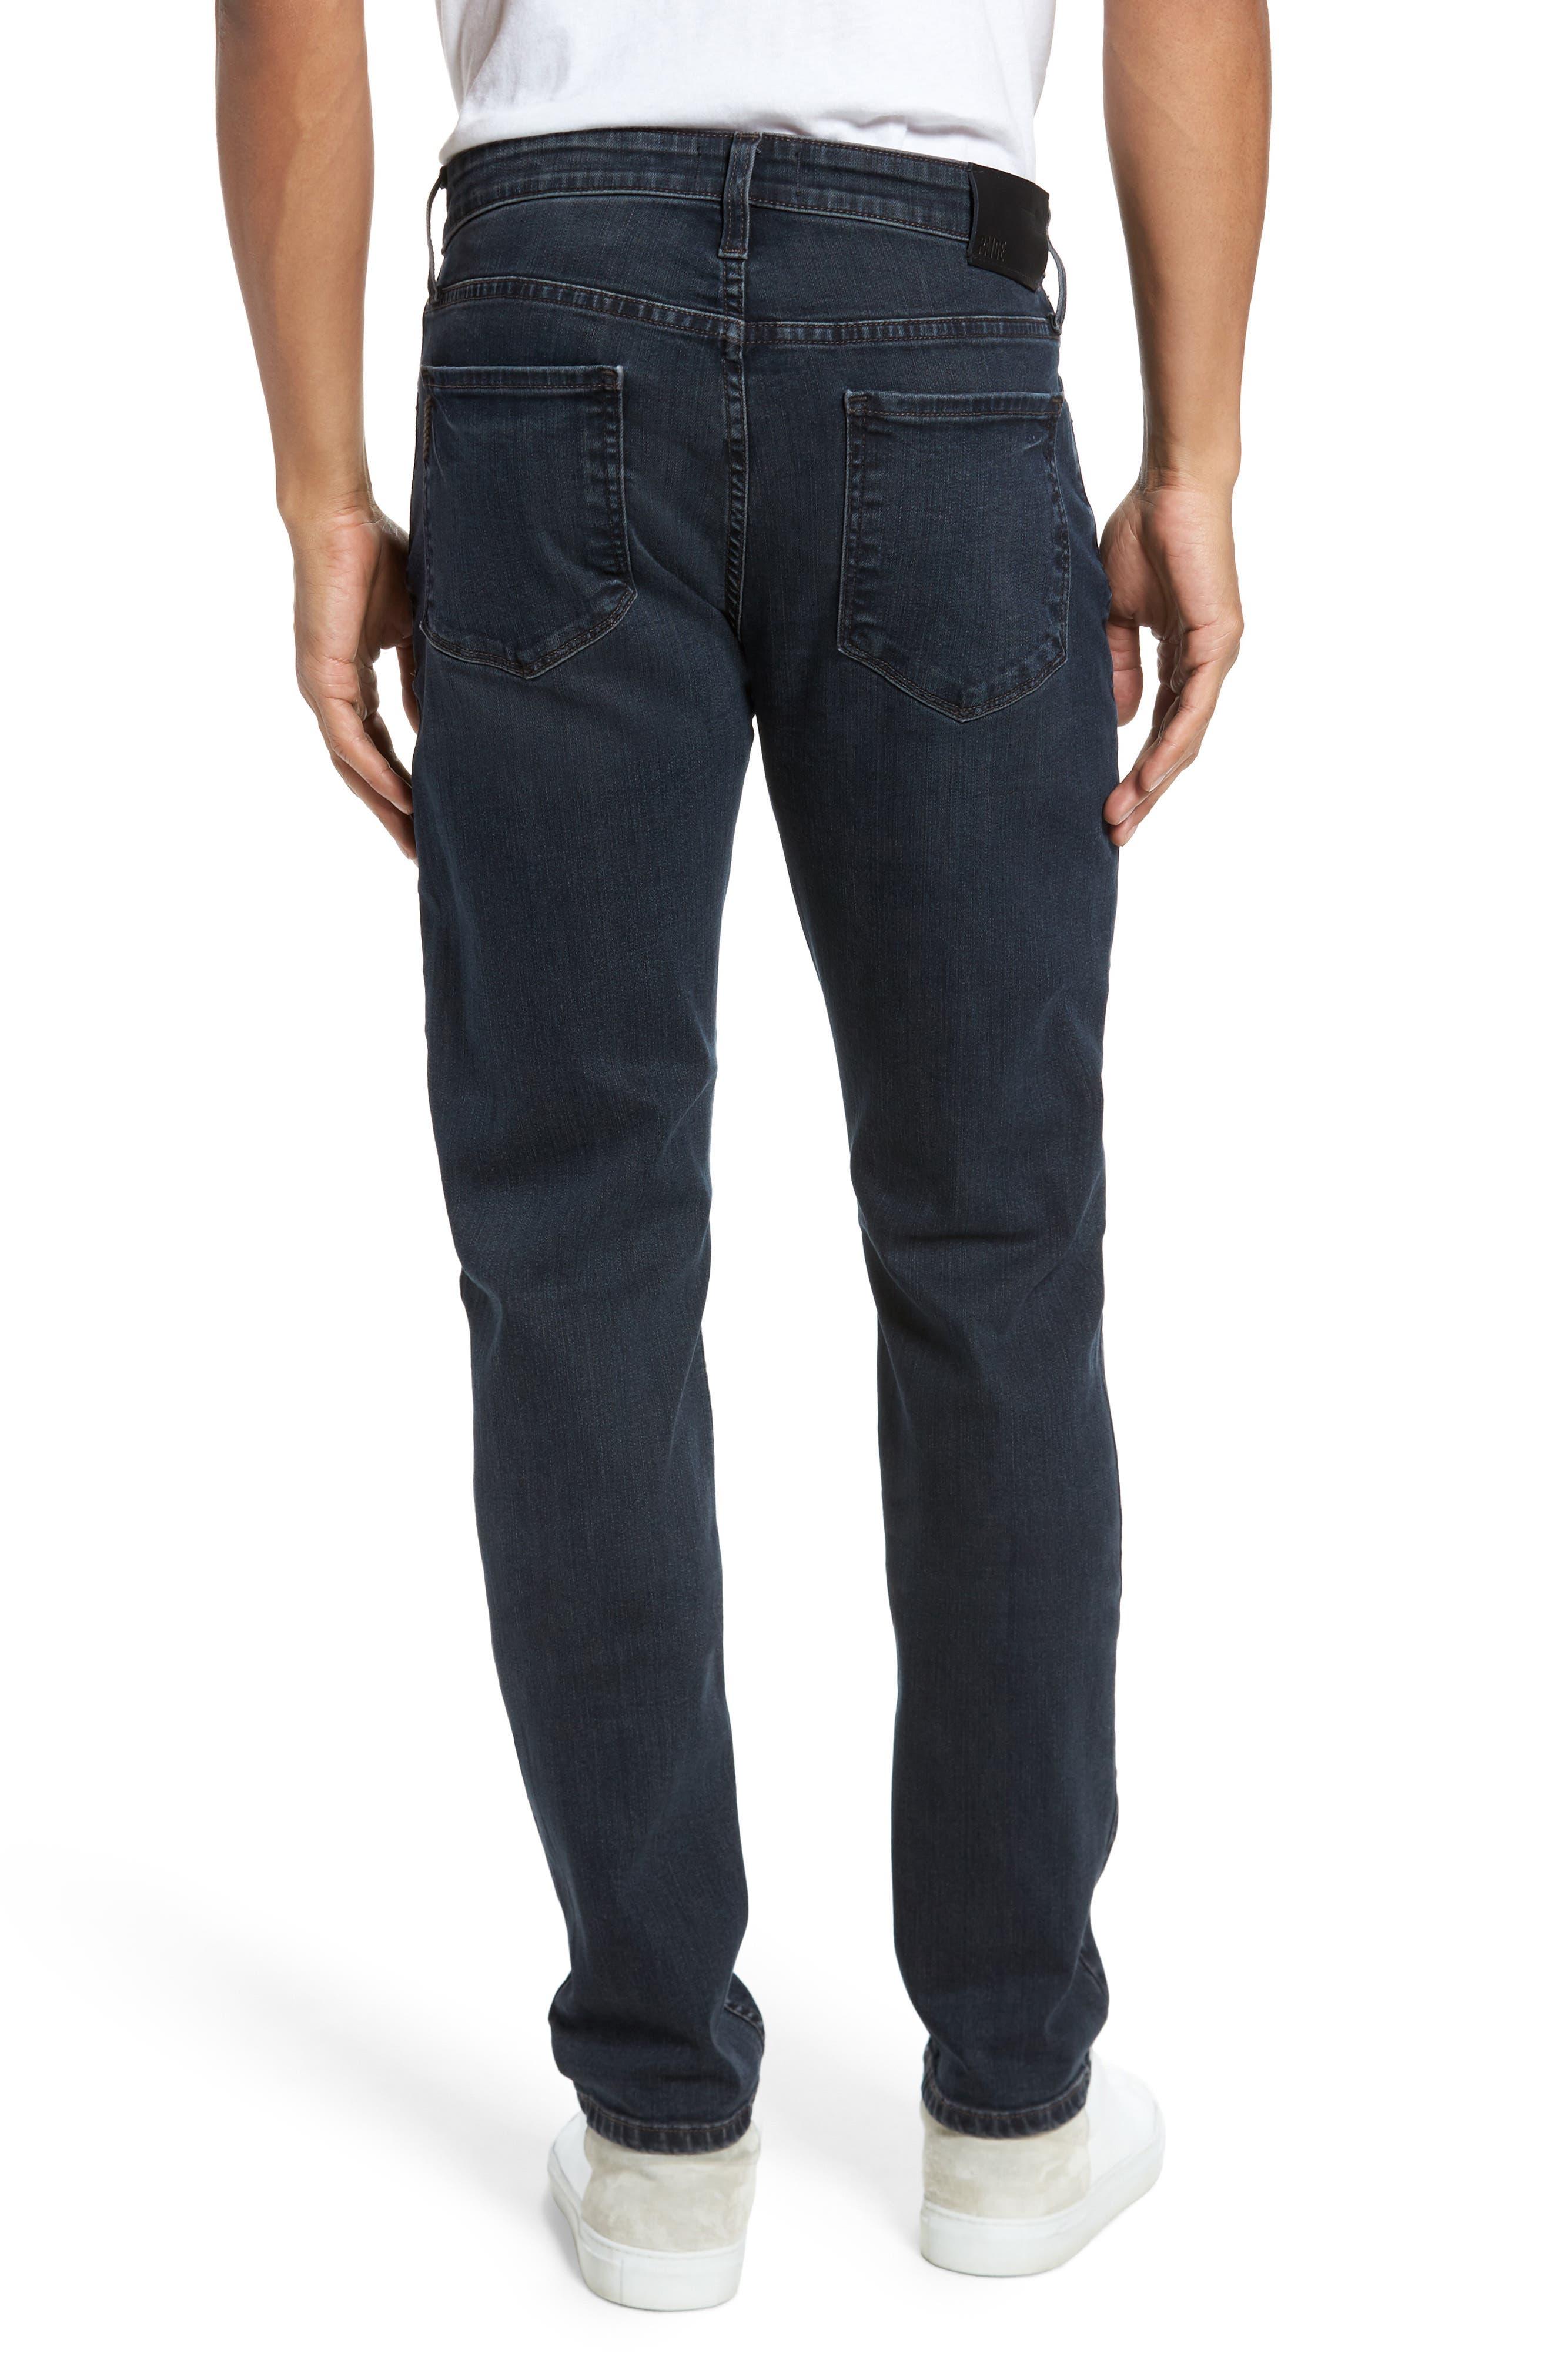 Lennox Slim Fit Jeans,                             Alternate thumbnail 2, color,                             Triton